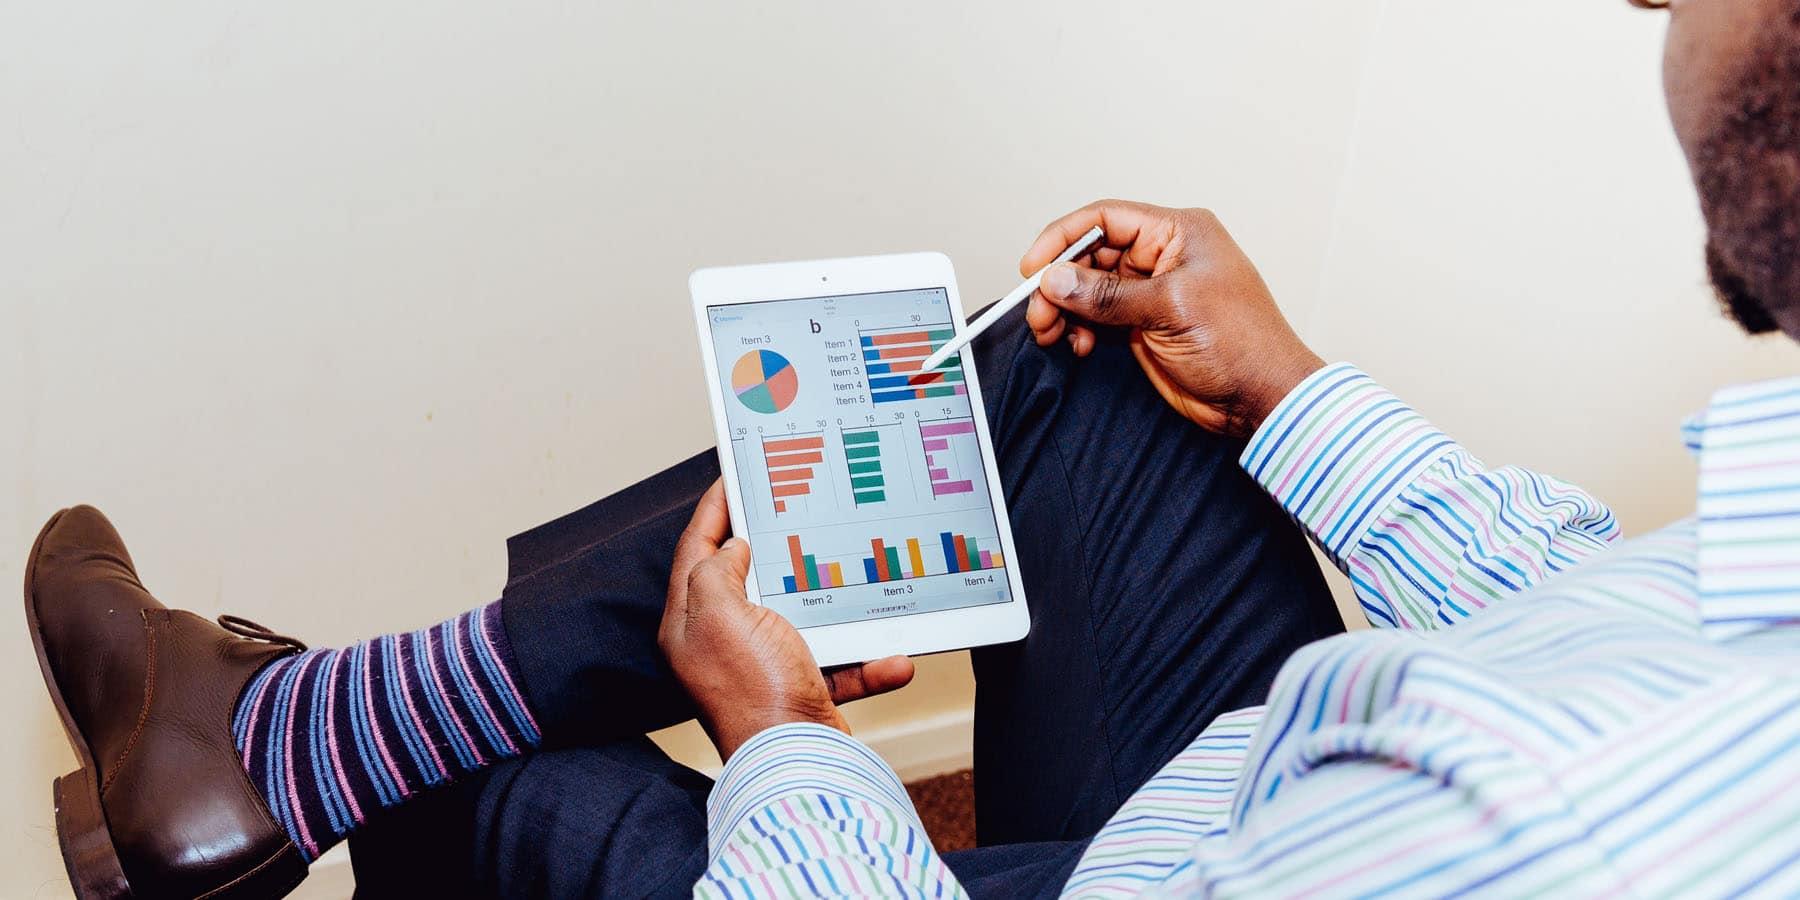 Logiciel de gestion : votre ERP est-il vraiment efficace ?